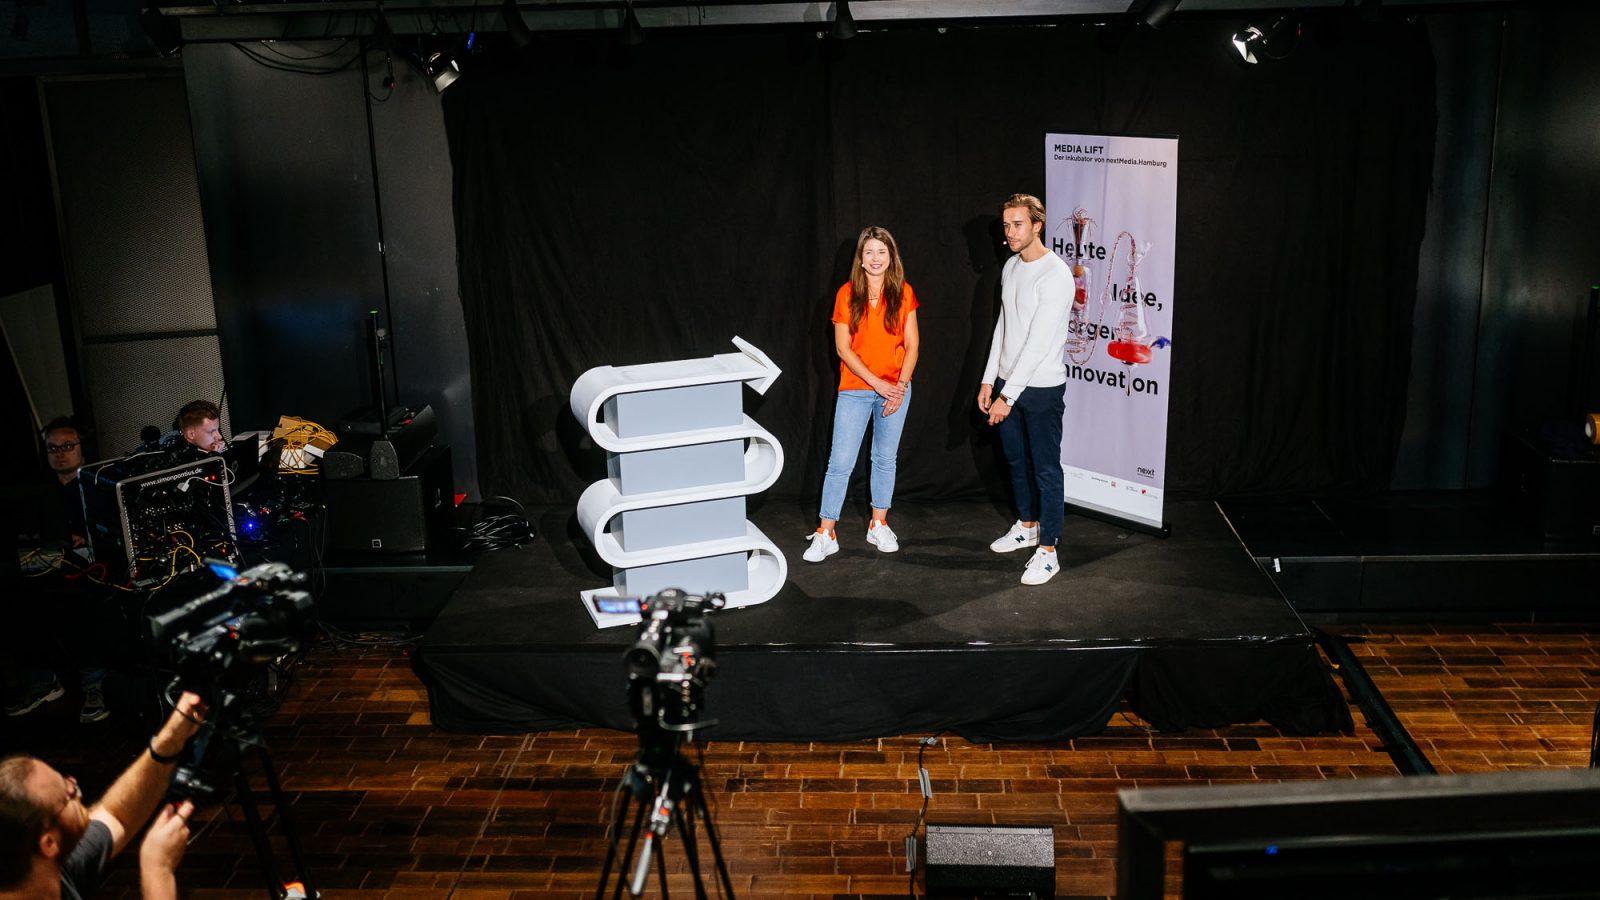 Im Rahmen von MEDIA LIFT übersetzte ChefTreff sein analoges Event-Konzept ins Digitale.